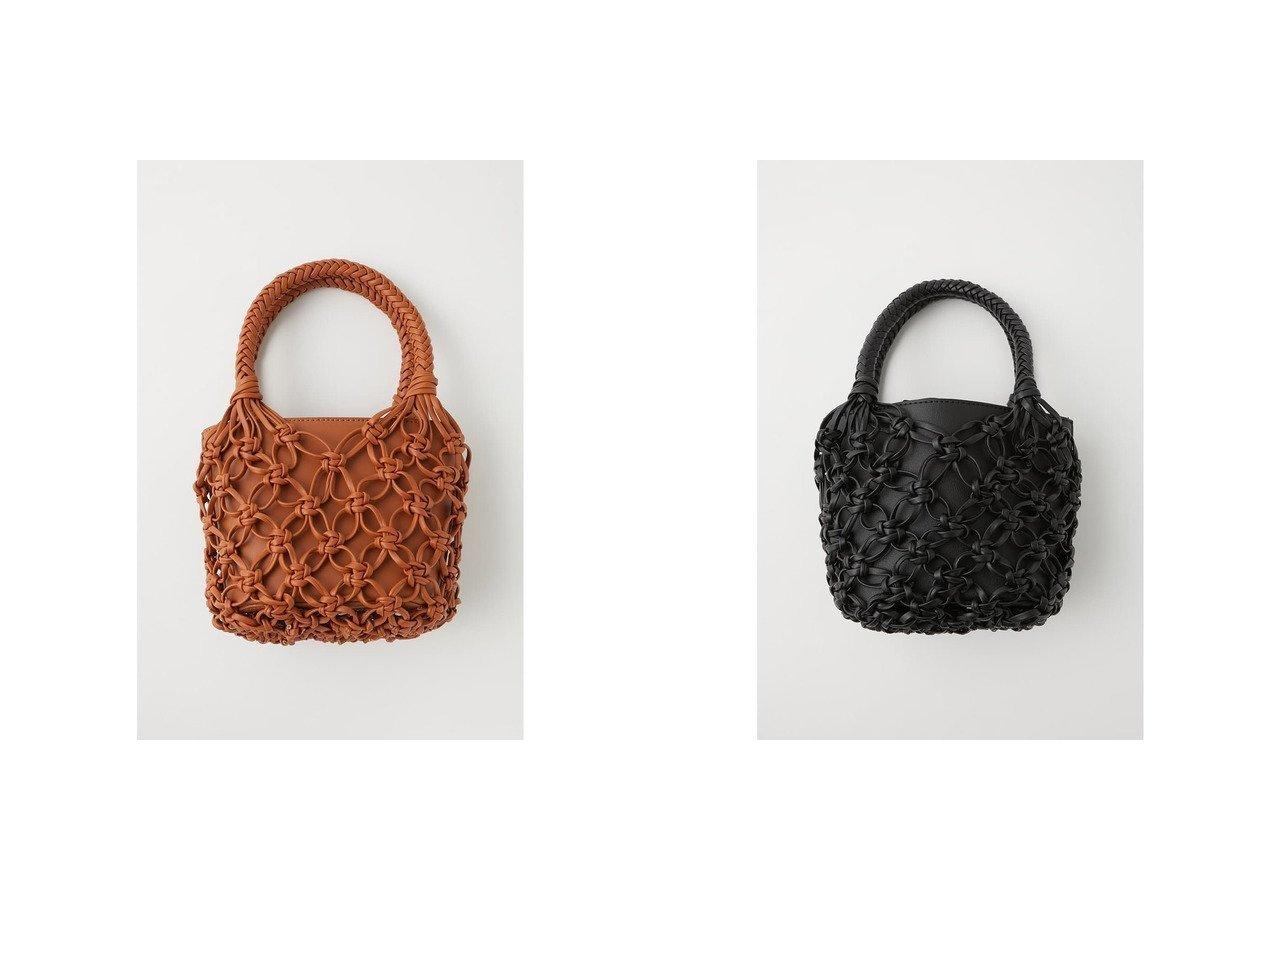 【moussy/マウジー】のMACRAME HAND バッグ CAM moussyのおすすめ!人気、トレンド・レディースファッションの通販 おすすめで人気の流行・トレンド、ファッションの通販商品 メンズファッション・キッズファッション・インテリア・家具・レディースファッション・服の通販 founy(ファニー) https://founy.com/ ファッション Fashion レディースファッション WOMEN 2021年 2021 2021 春夏 S/S SS Spring/Summer 2021 S/S 春夏 SS Spring/Summer フェイクレザー メッシュ 春 Spring |ID:crp329100000019739